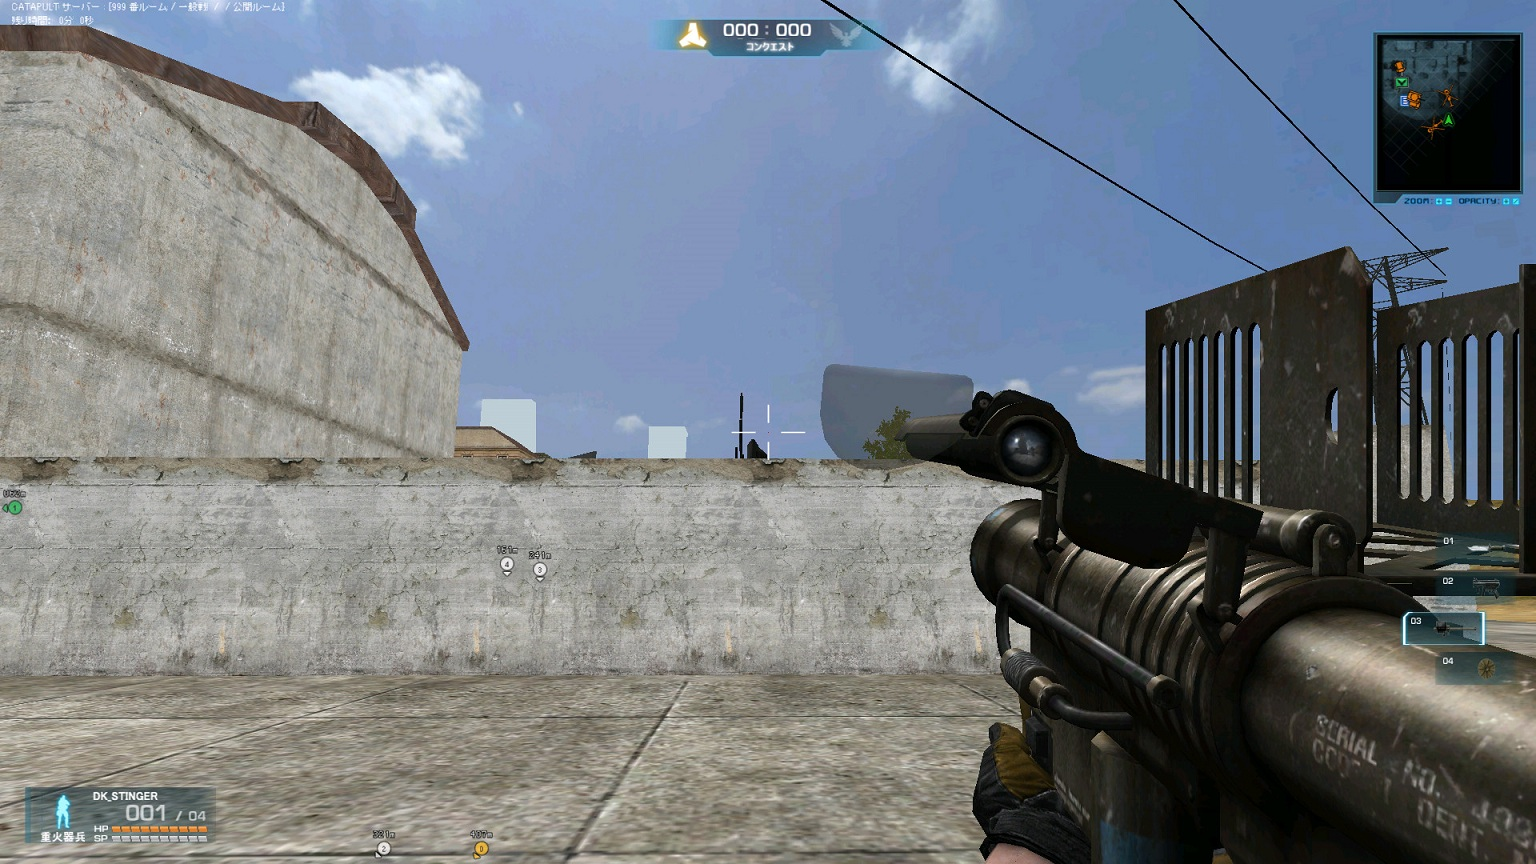 screenshot_127.jpg